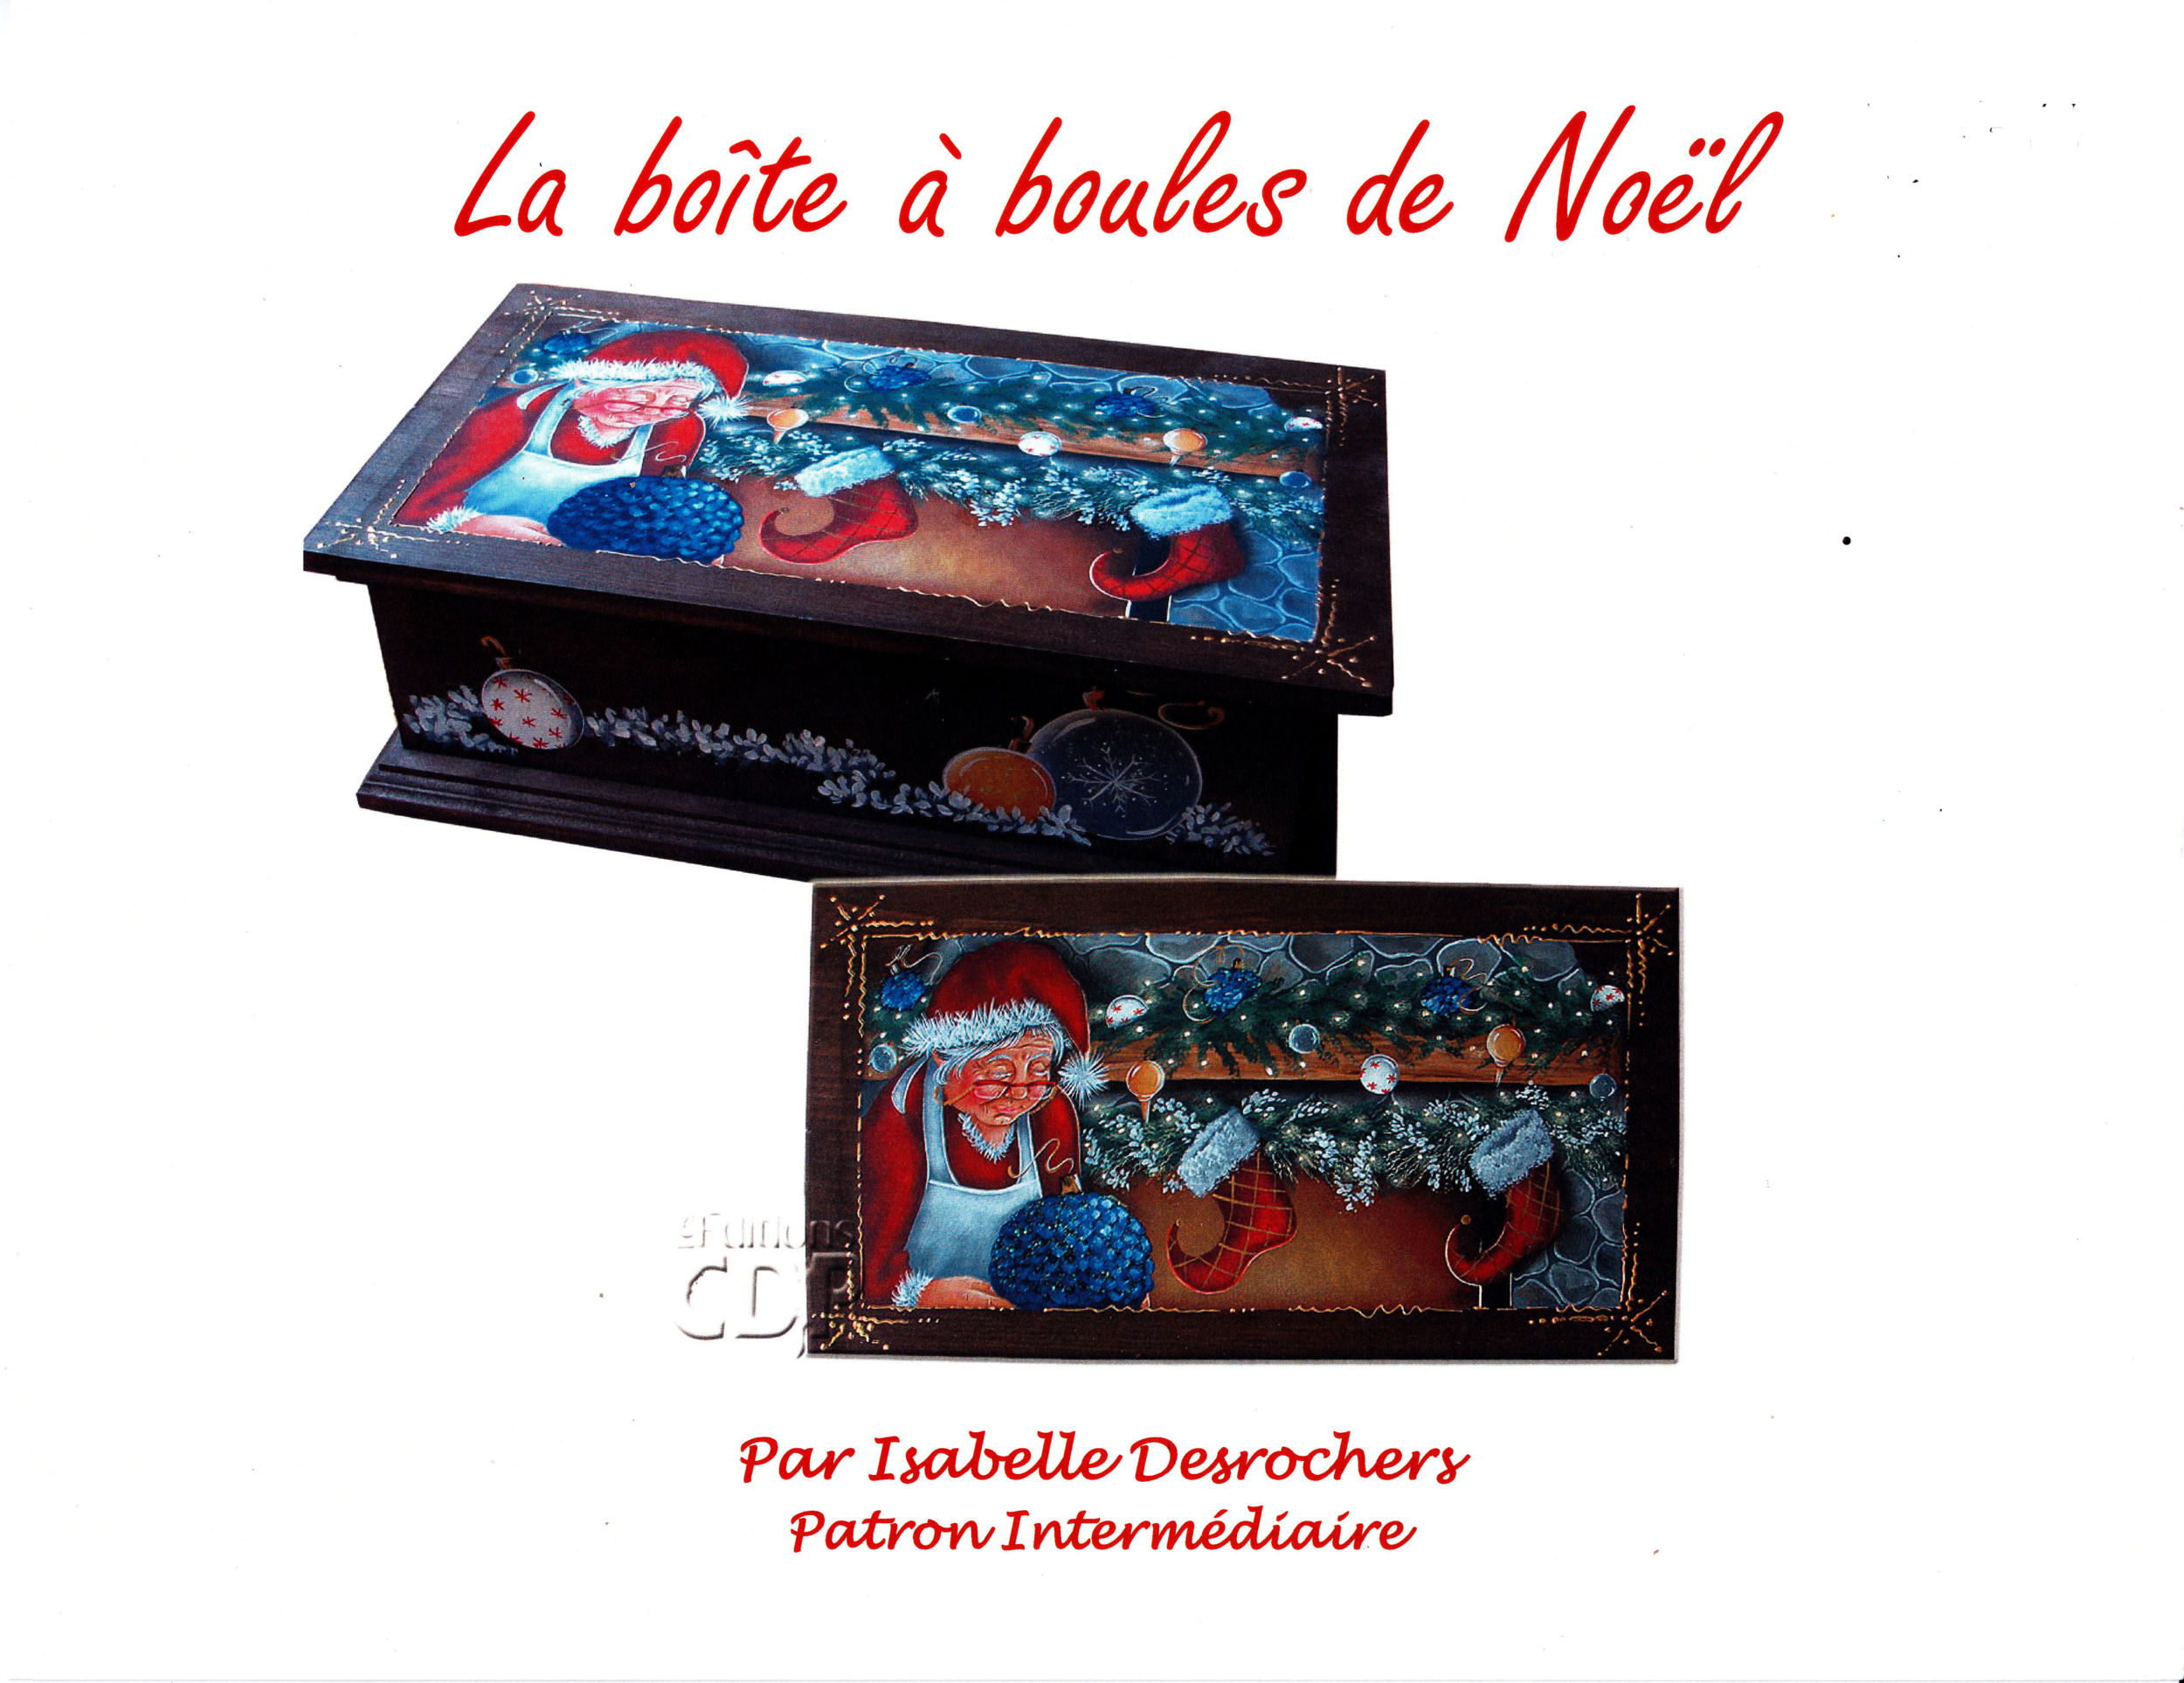 La boîte à boules de Noël - Isabelle Desrochers